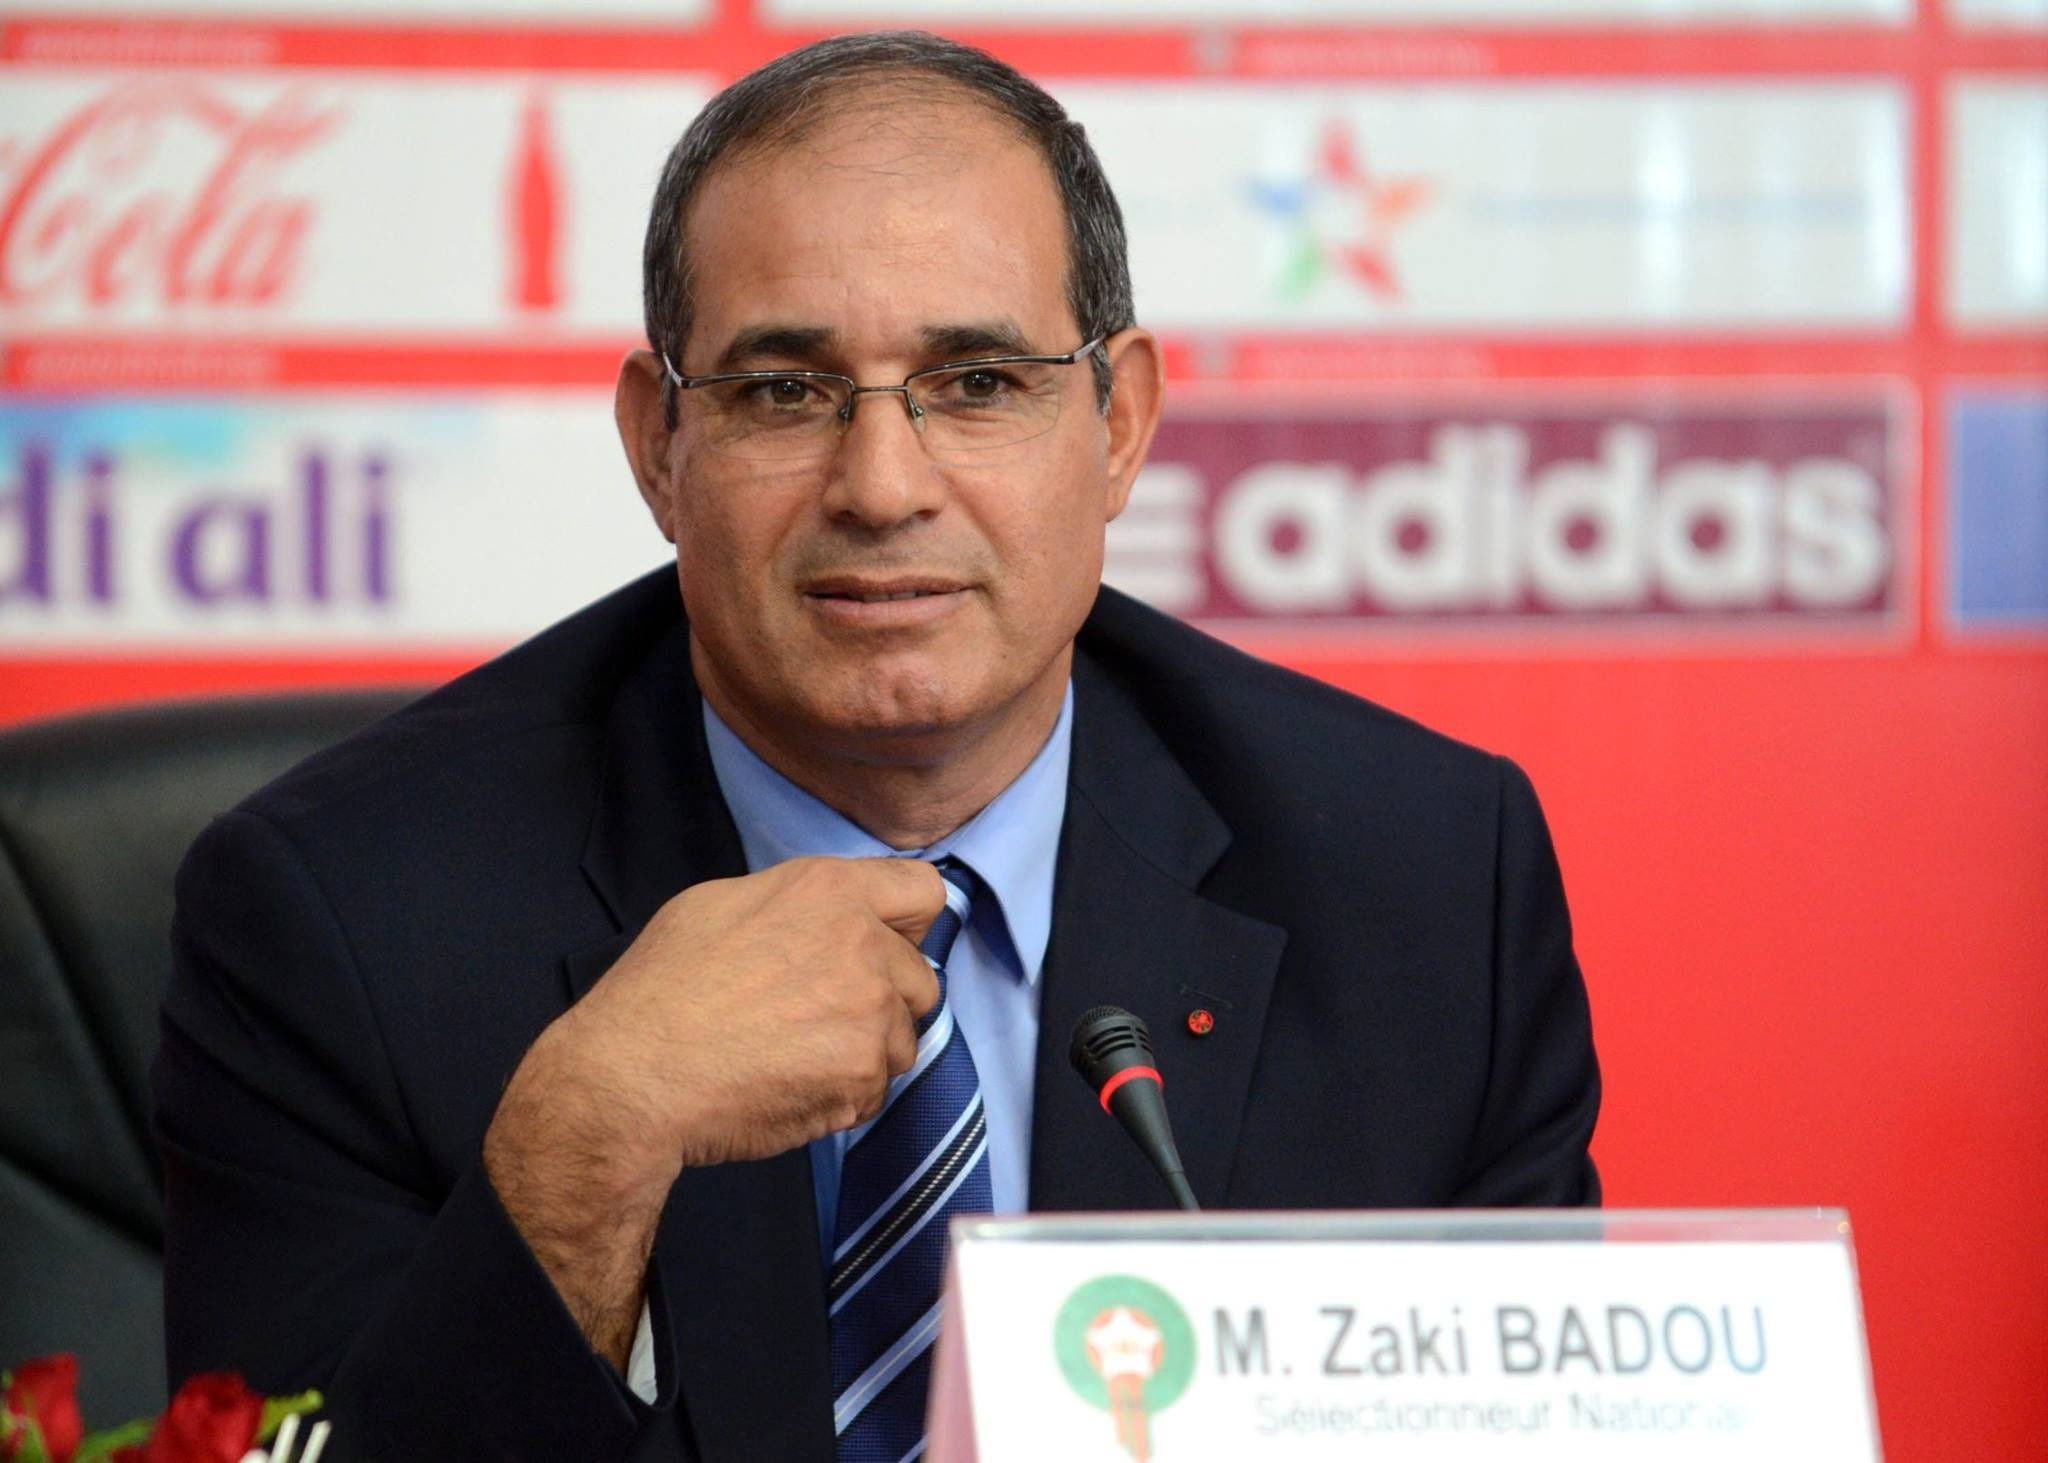 الزاكي يتخلى عن لاعبين قبل سفره للسعودية